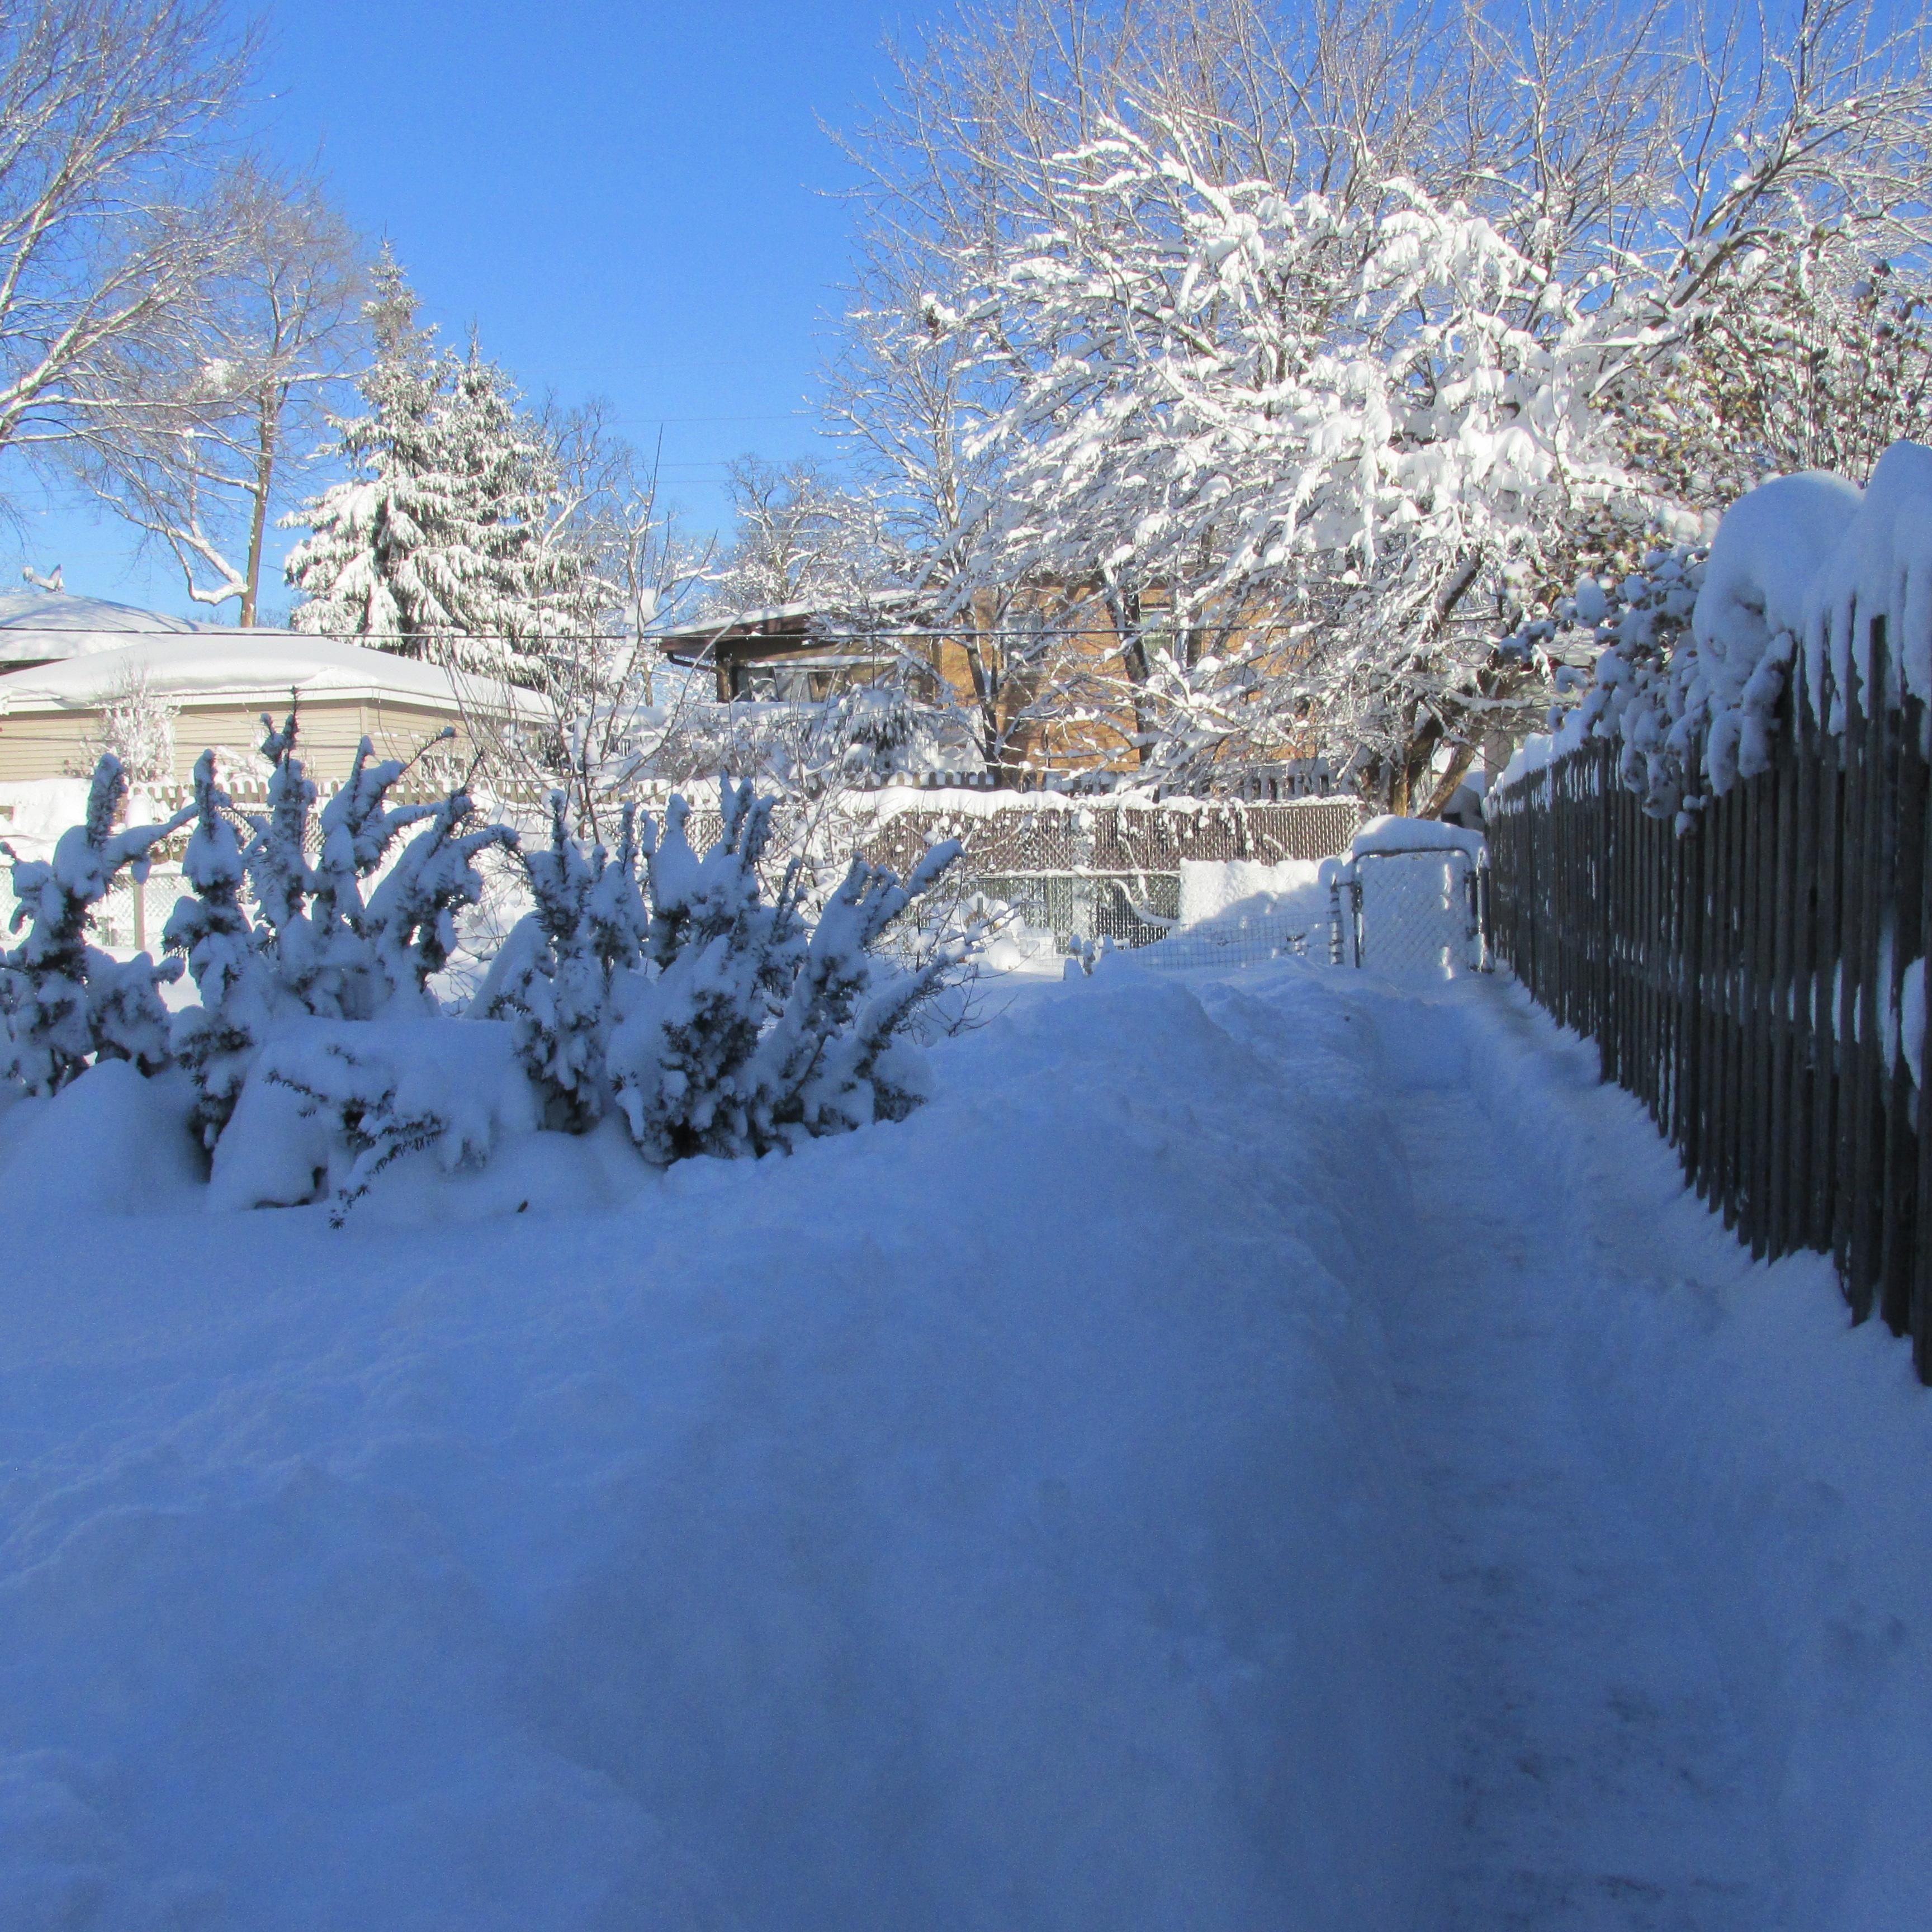 sunny snow day u2013 little backyard world